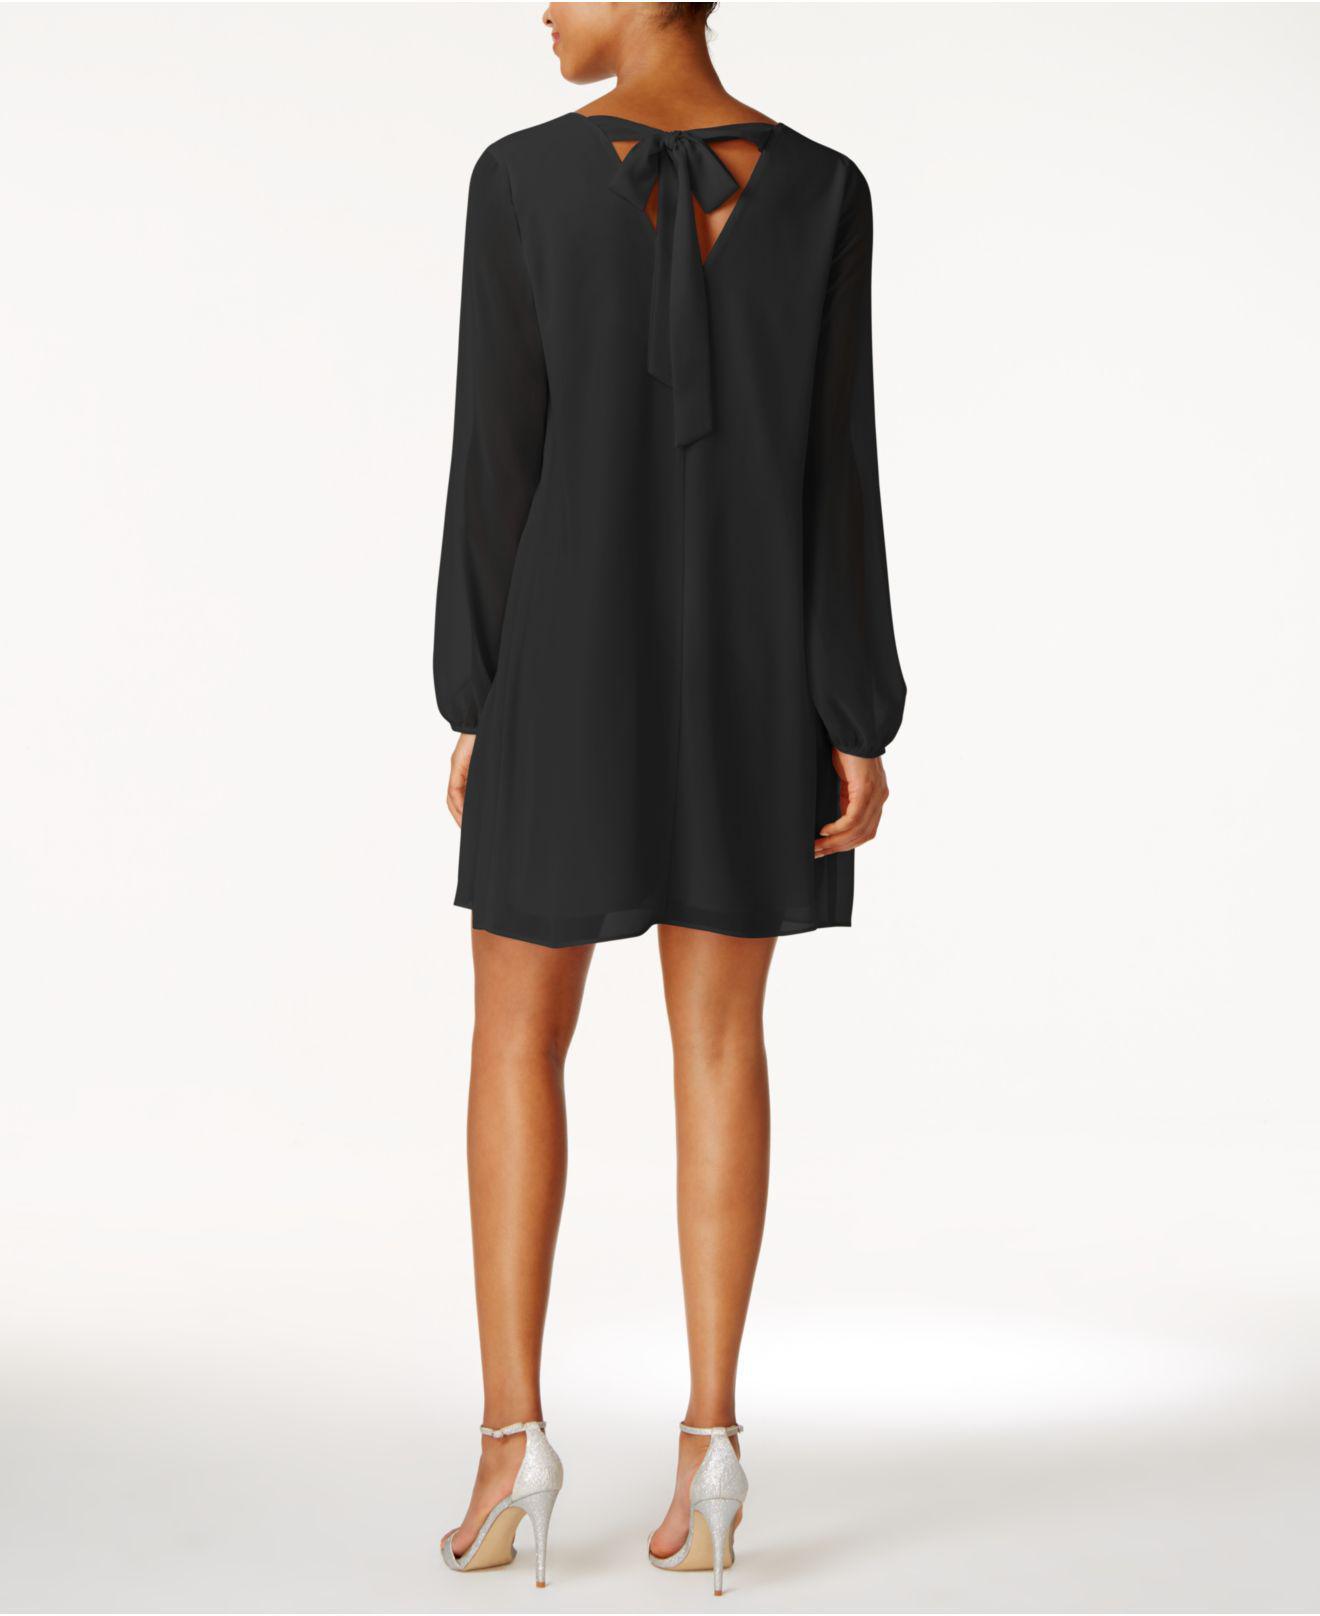 3ba9d8f962f BCBGeneration Chiffon Cocktail Dress in Black - Lyst